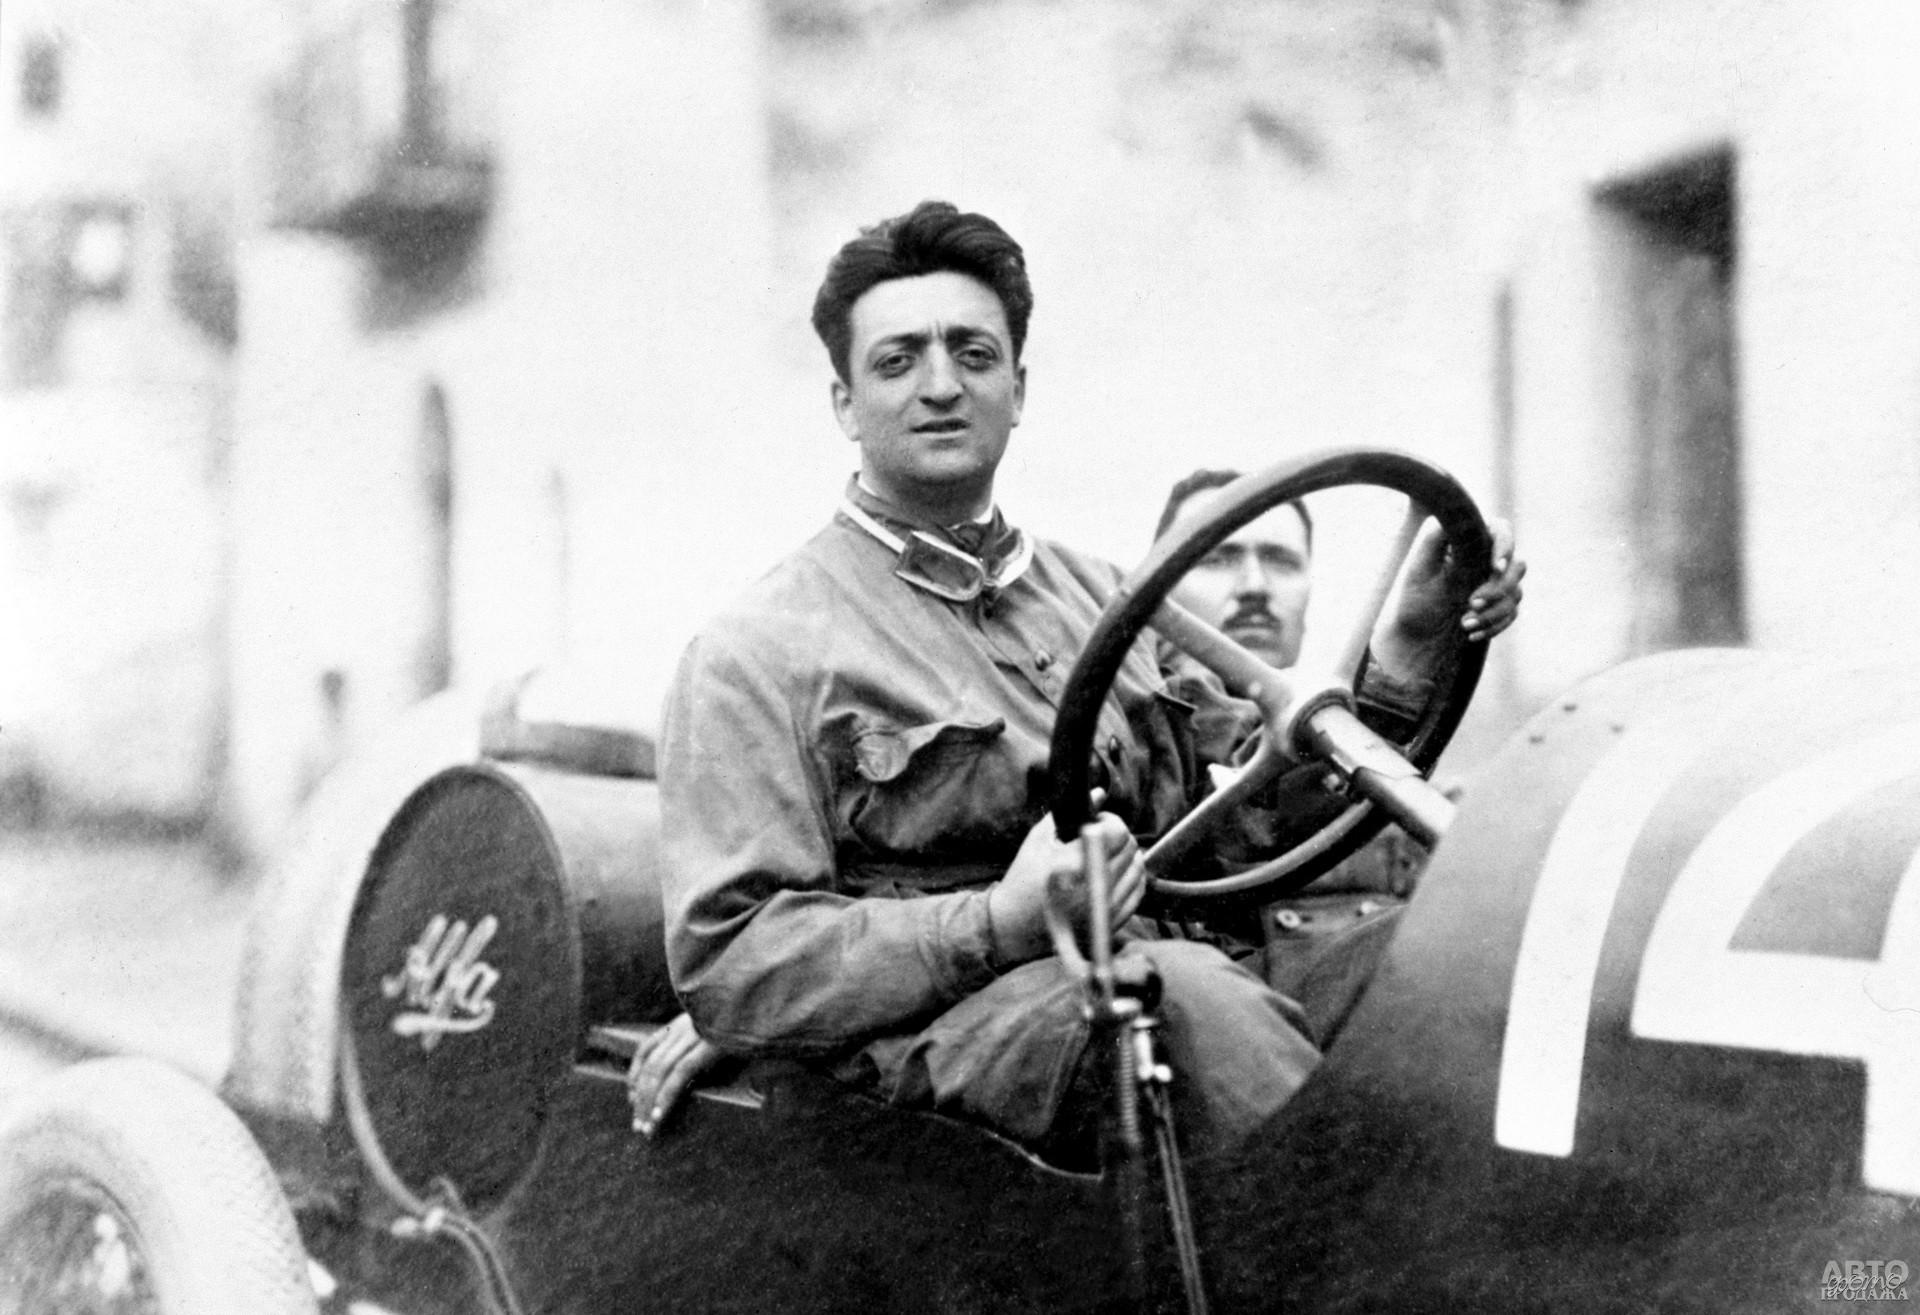 Энцо Феррари – многолетний пилот и руководитель команды Alfa Romeo